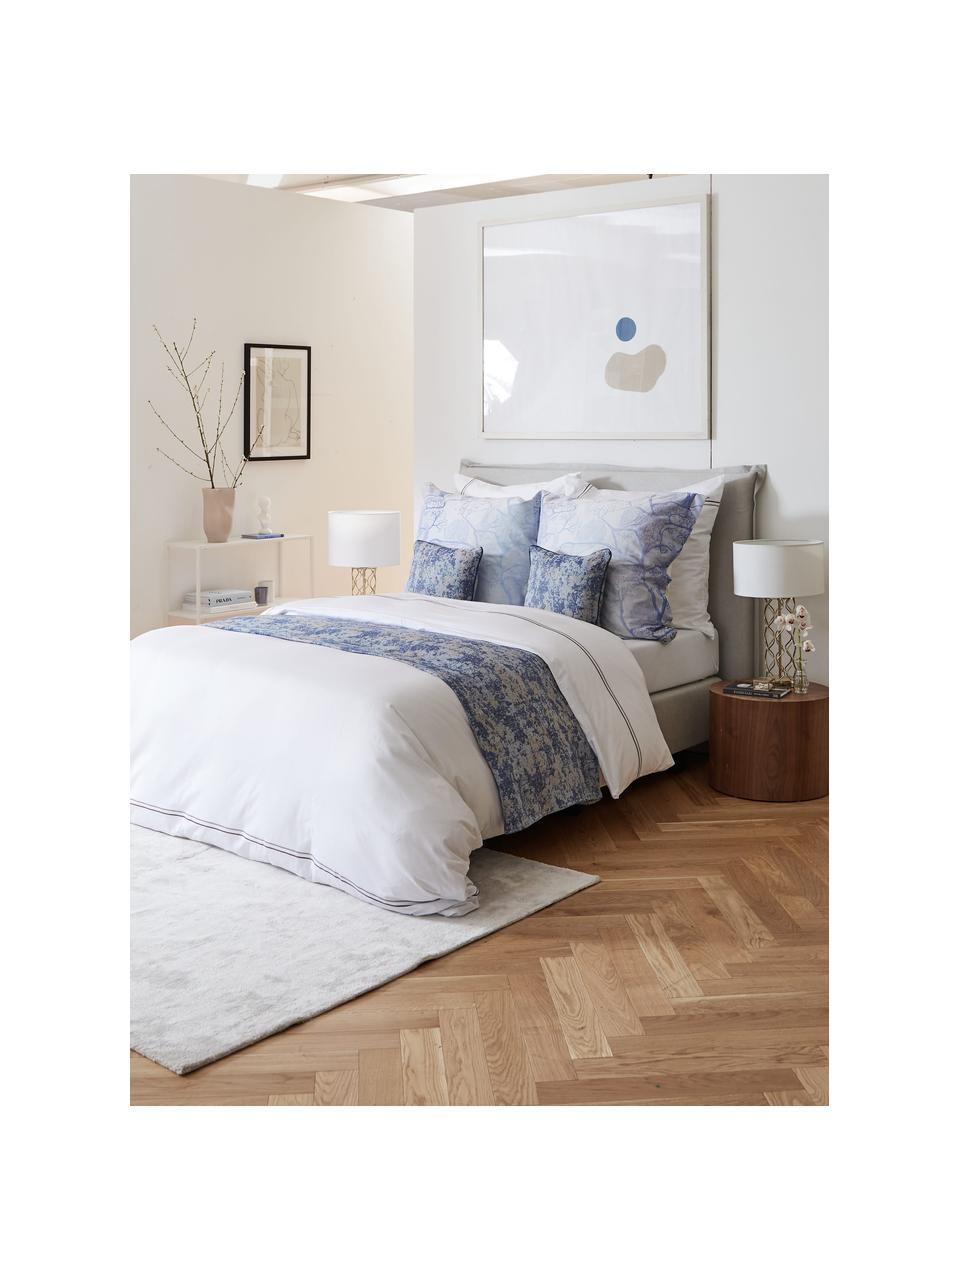 Łóżko kontynentalne premium Violet, Nogi: lite drewno brzozowe, lak, Jasny szary, 180 x 200 cm